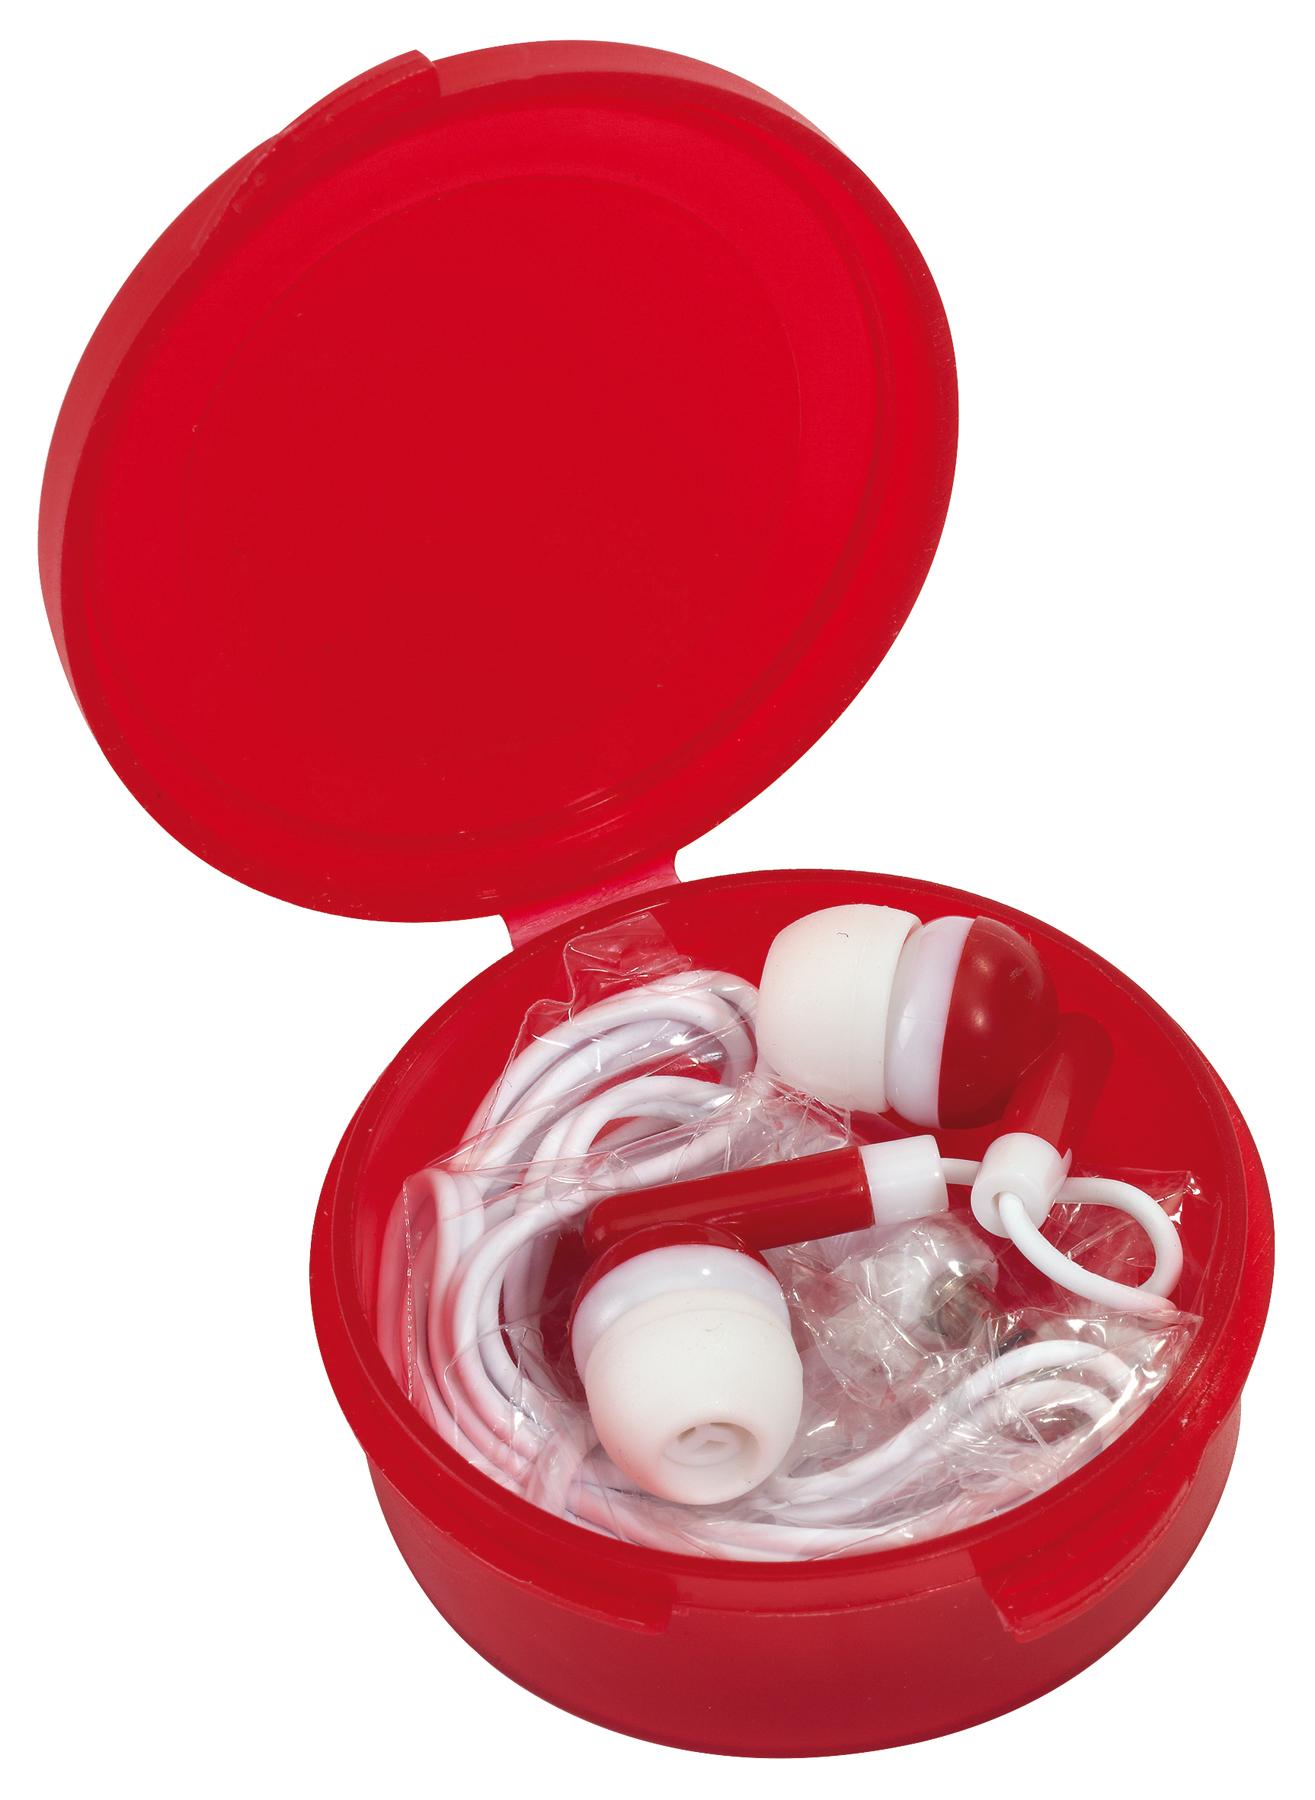 Słuchawki douszne MUSIC, czerwony